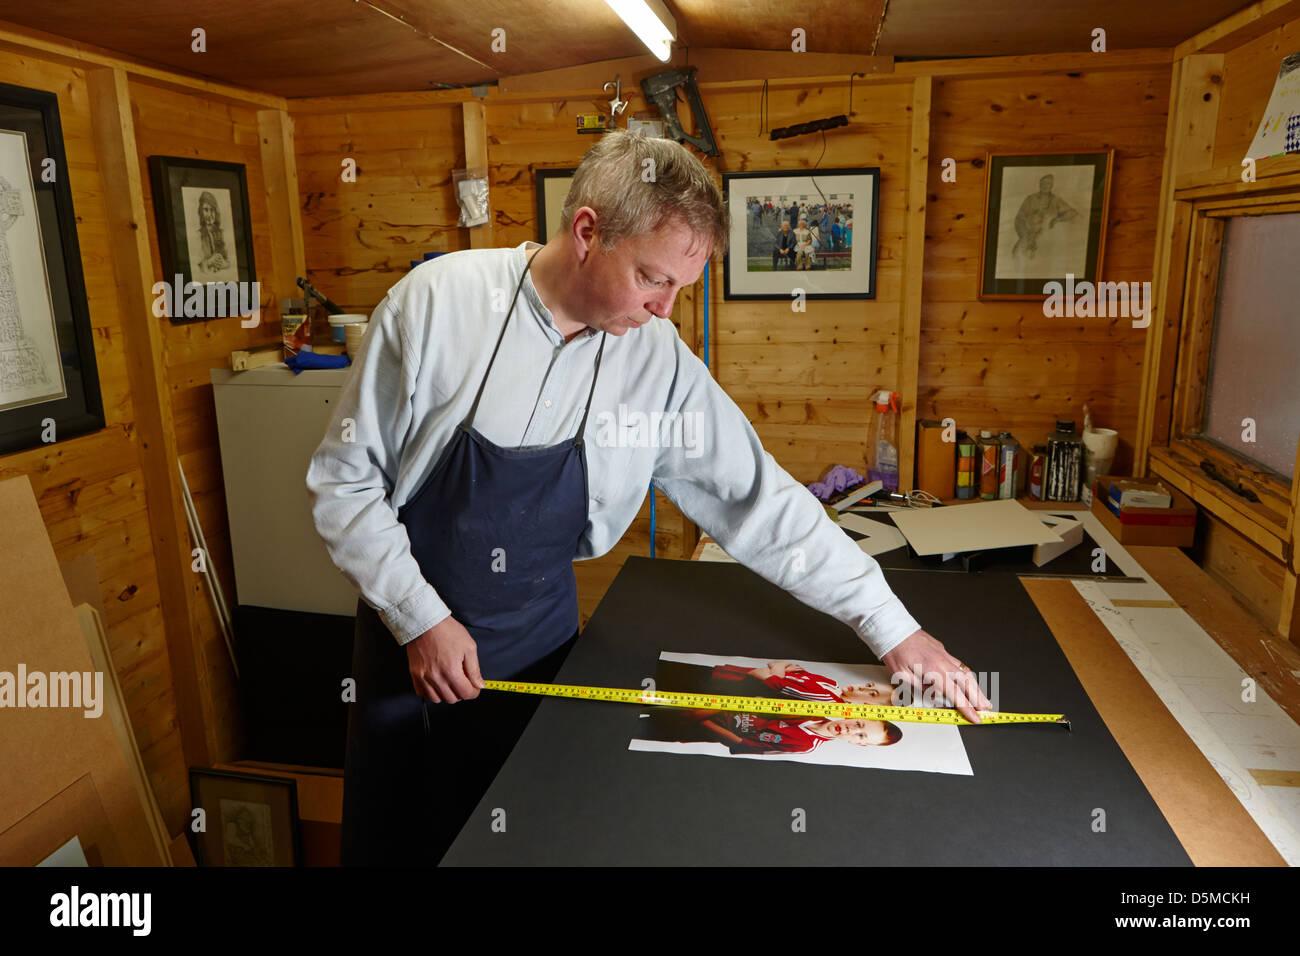 framer measuring prints for framing in a framing workshop - Stock Image